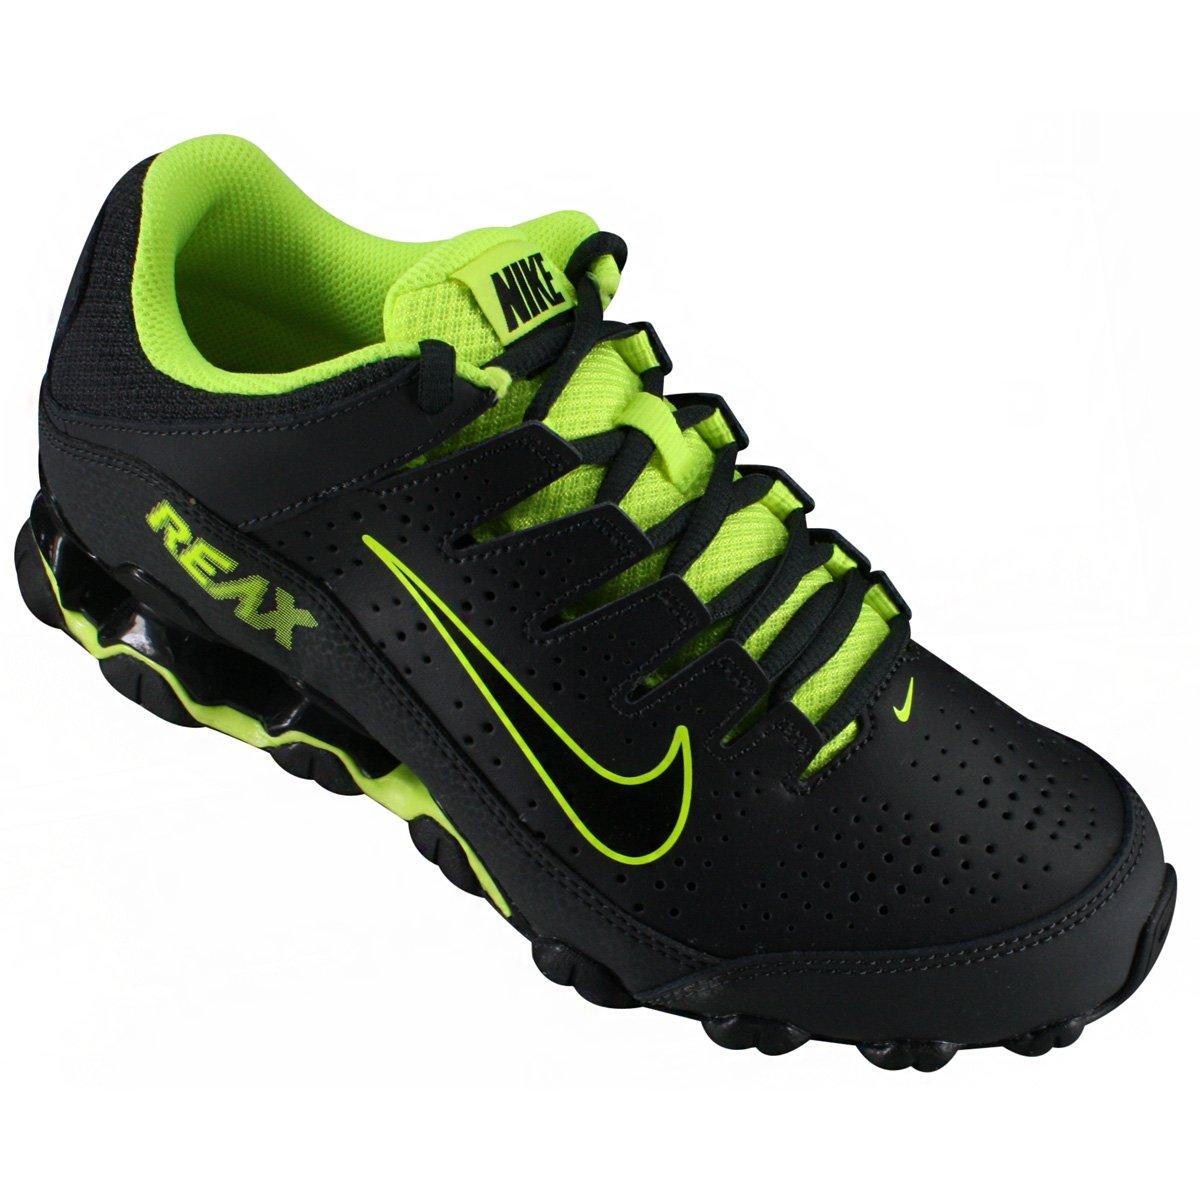 ac512b3c602 Tênis Masculino Nike Reax 8 616272-036 - Preto Verde Limão - Botas ...